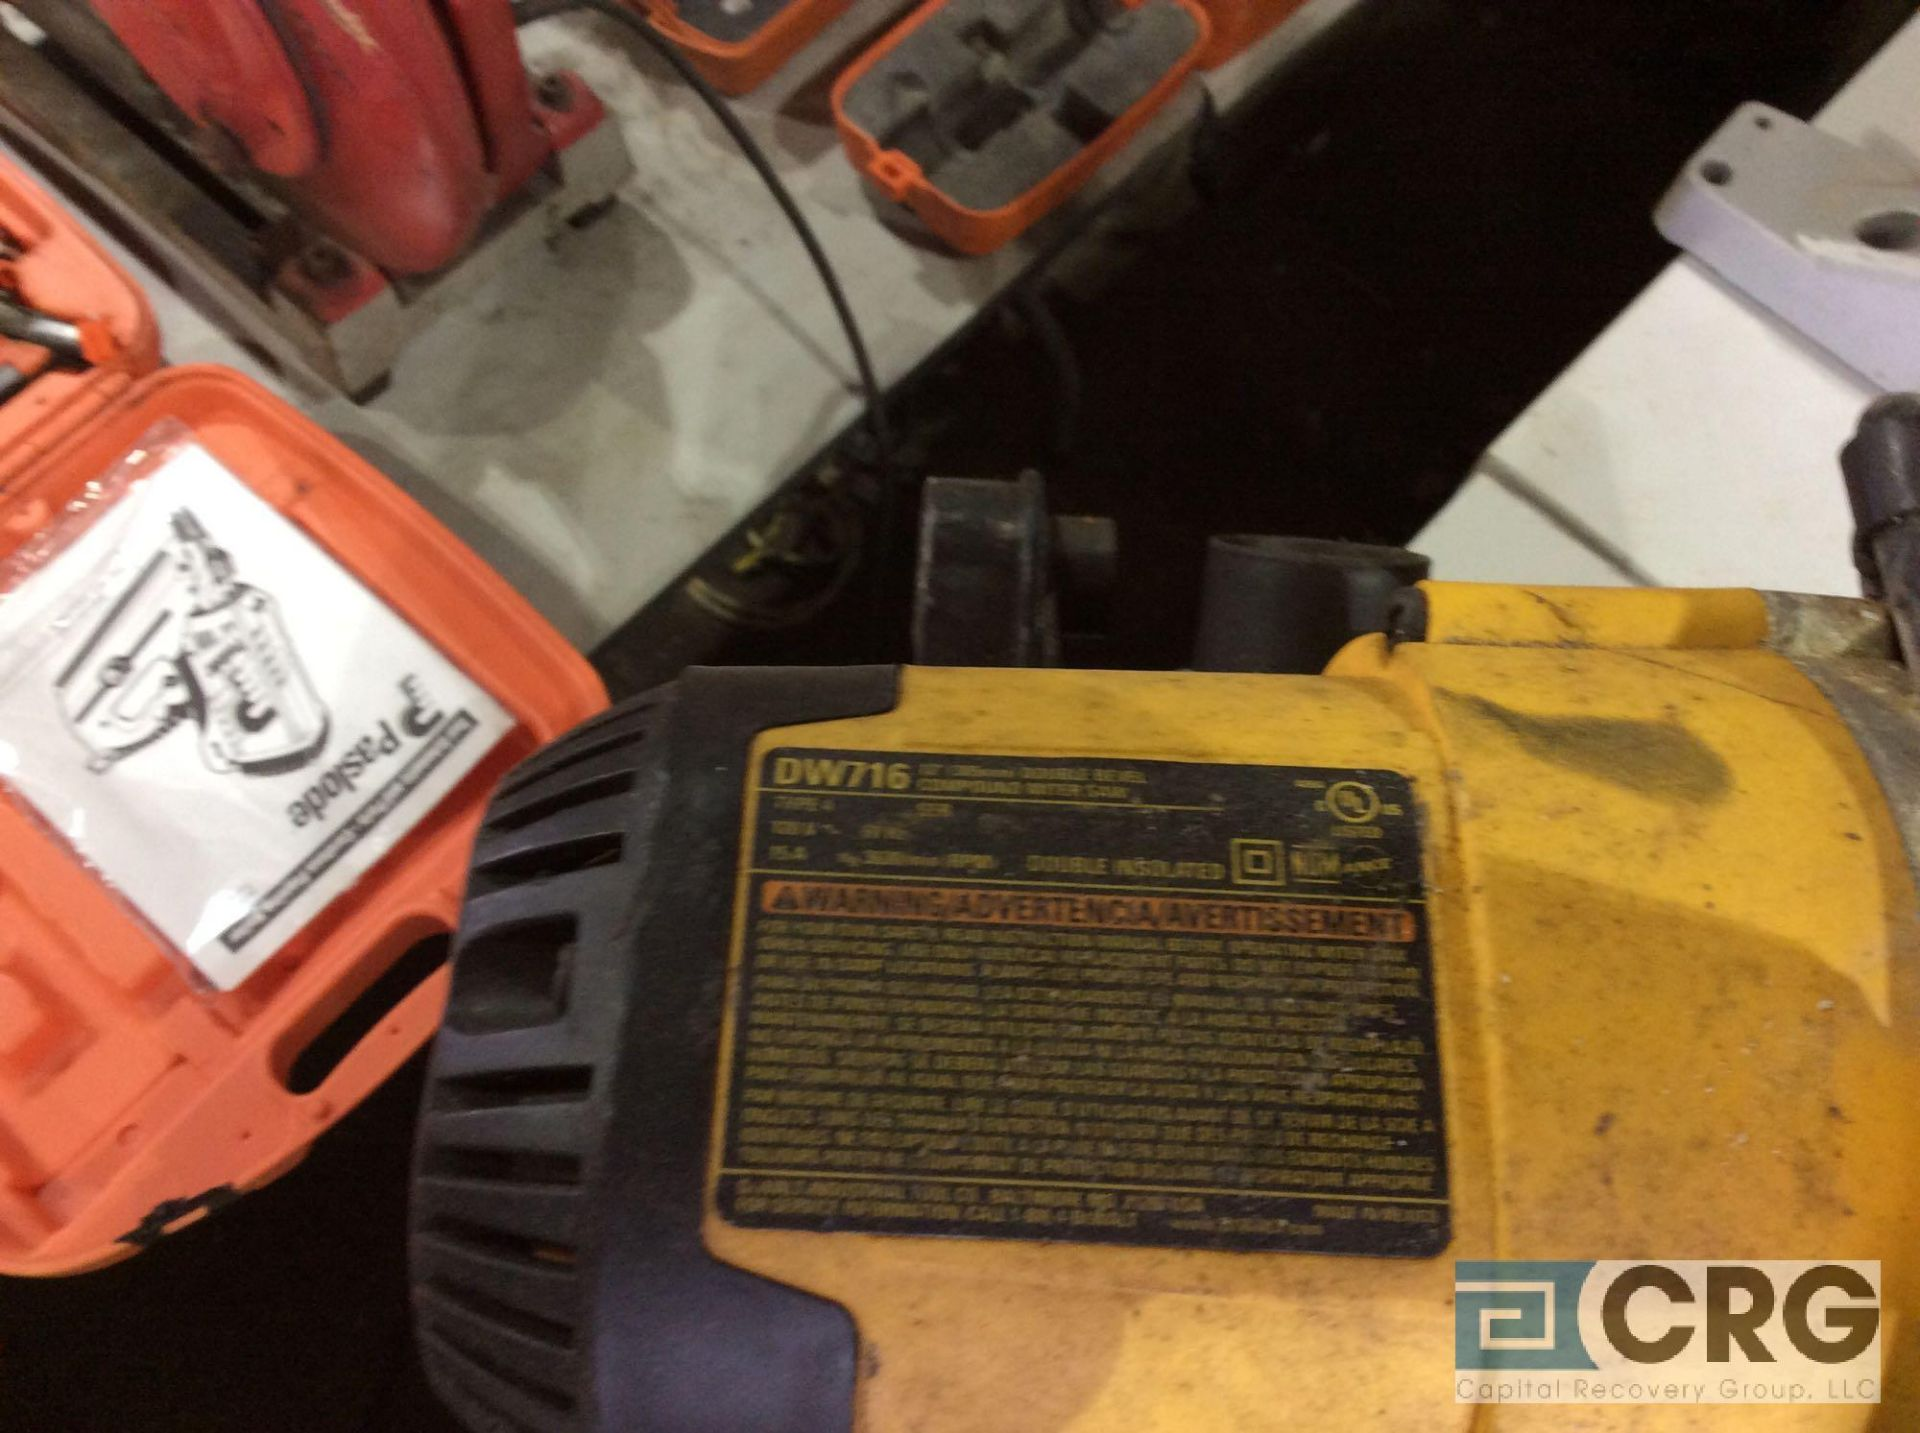 Lot 123 - DeWalt DW716 portable compound mitre saw